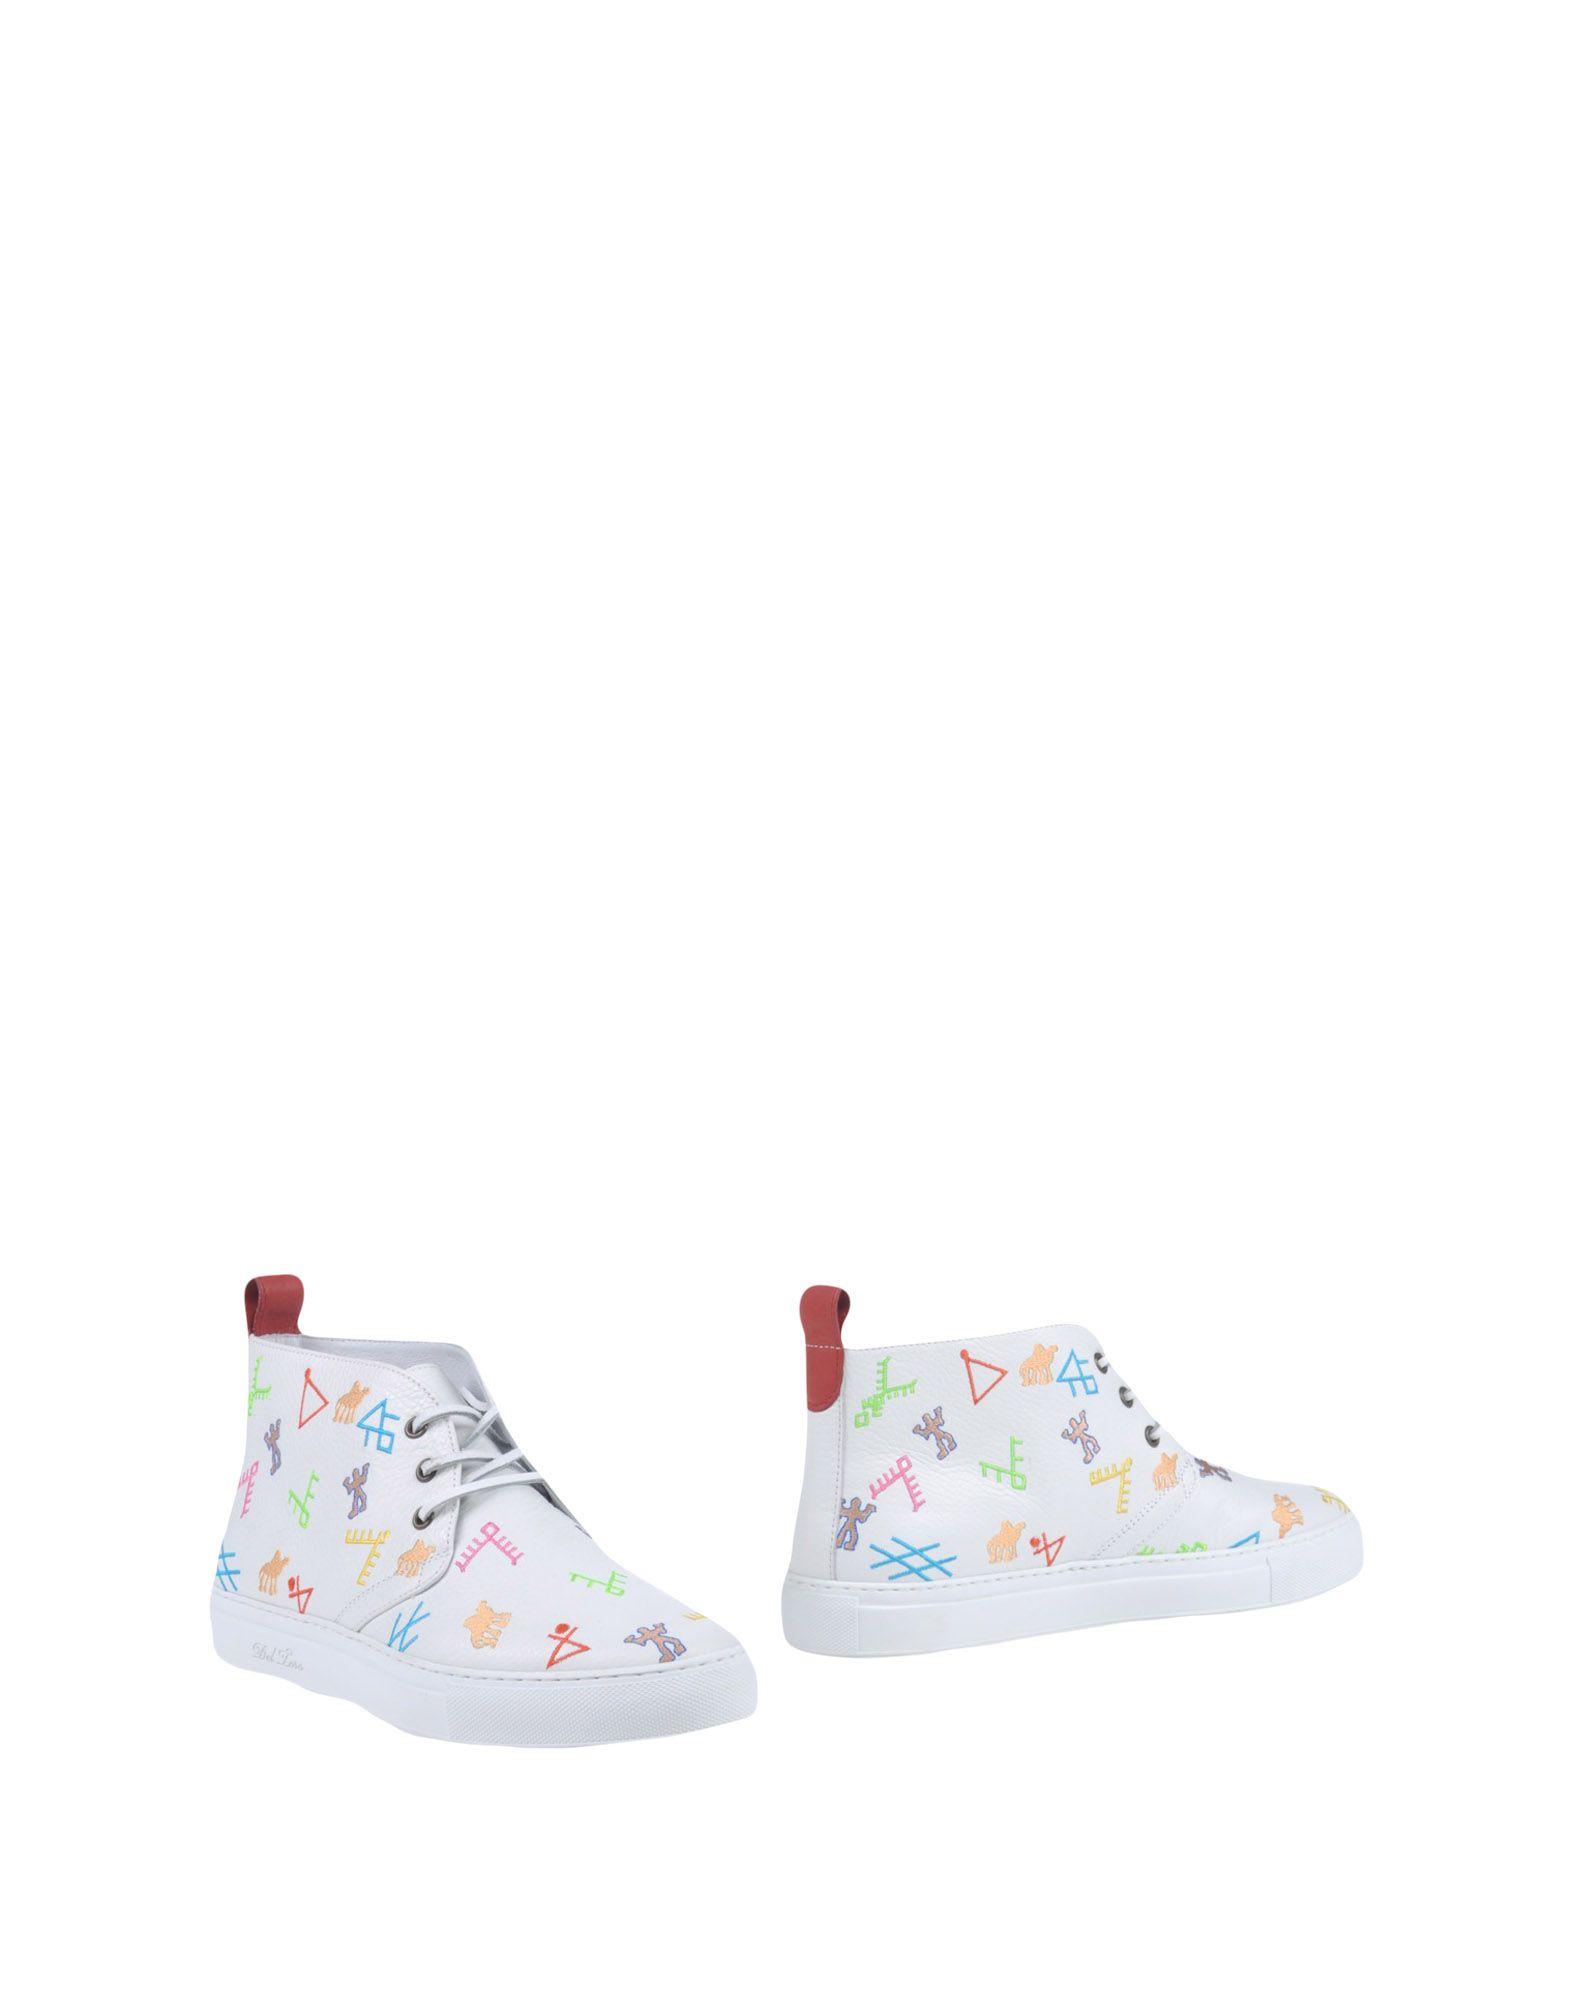 Del Toro Stiefelette Herren  11362255QF Gute Qualität beliebte Schuhe